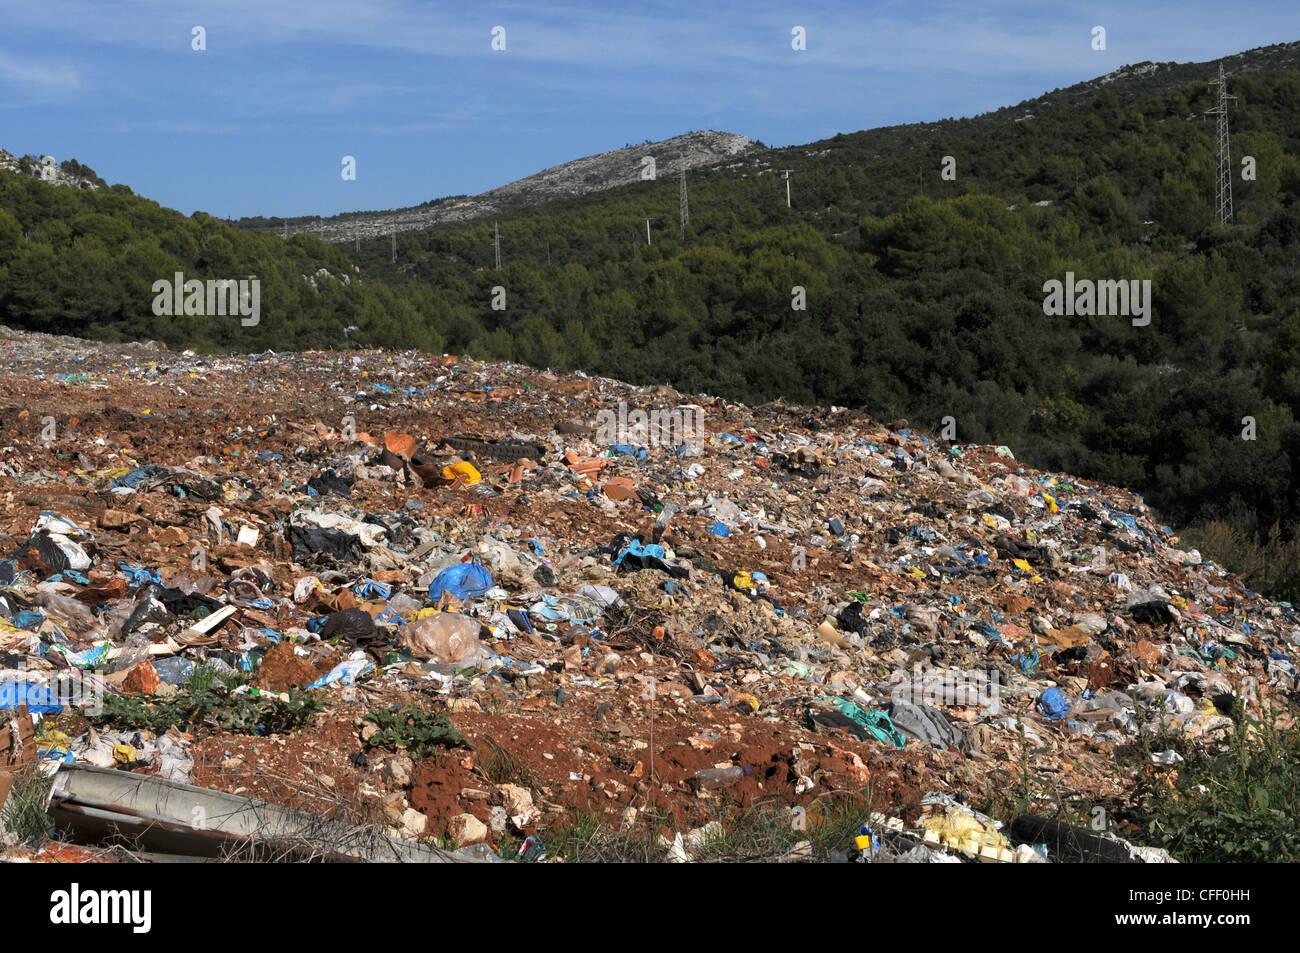 Mülldeponie in Hvar, Kroatien Stockbild